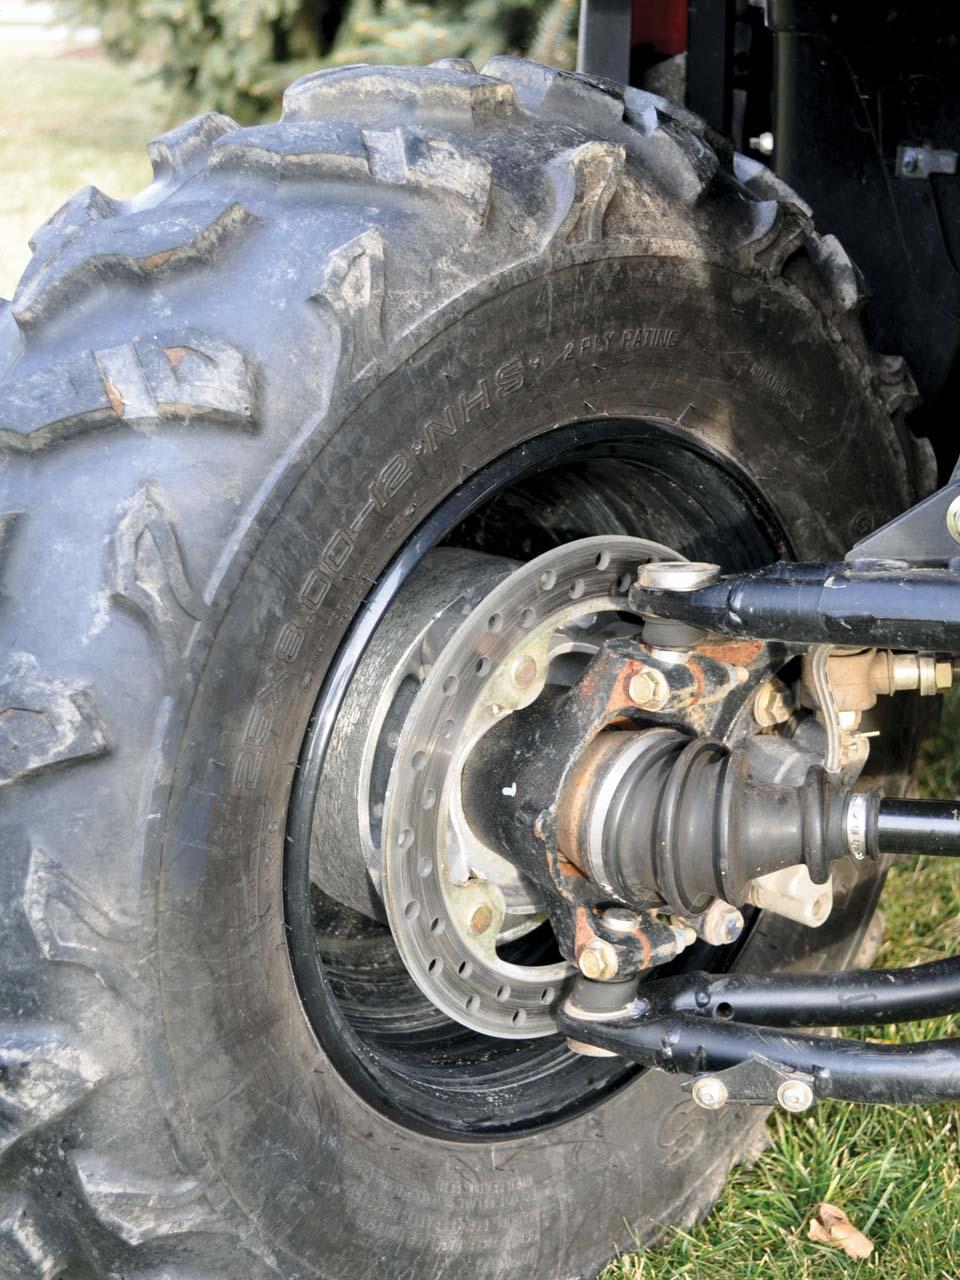 Ride Tested - Durablue UTV Wheel Spacers | ATV Illustrated